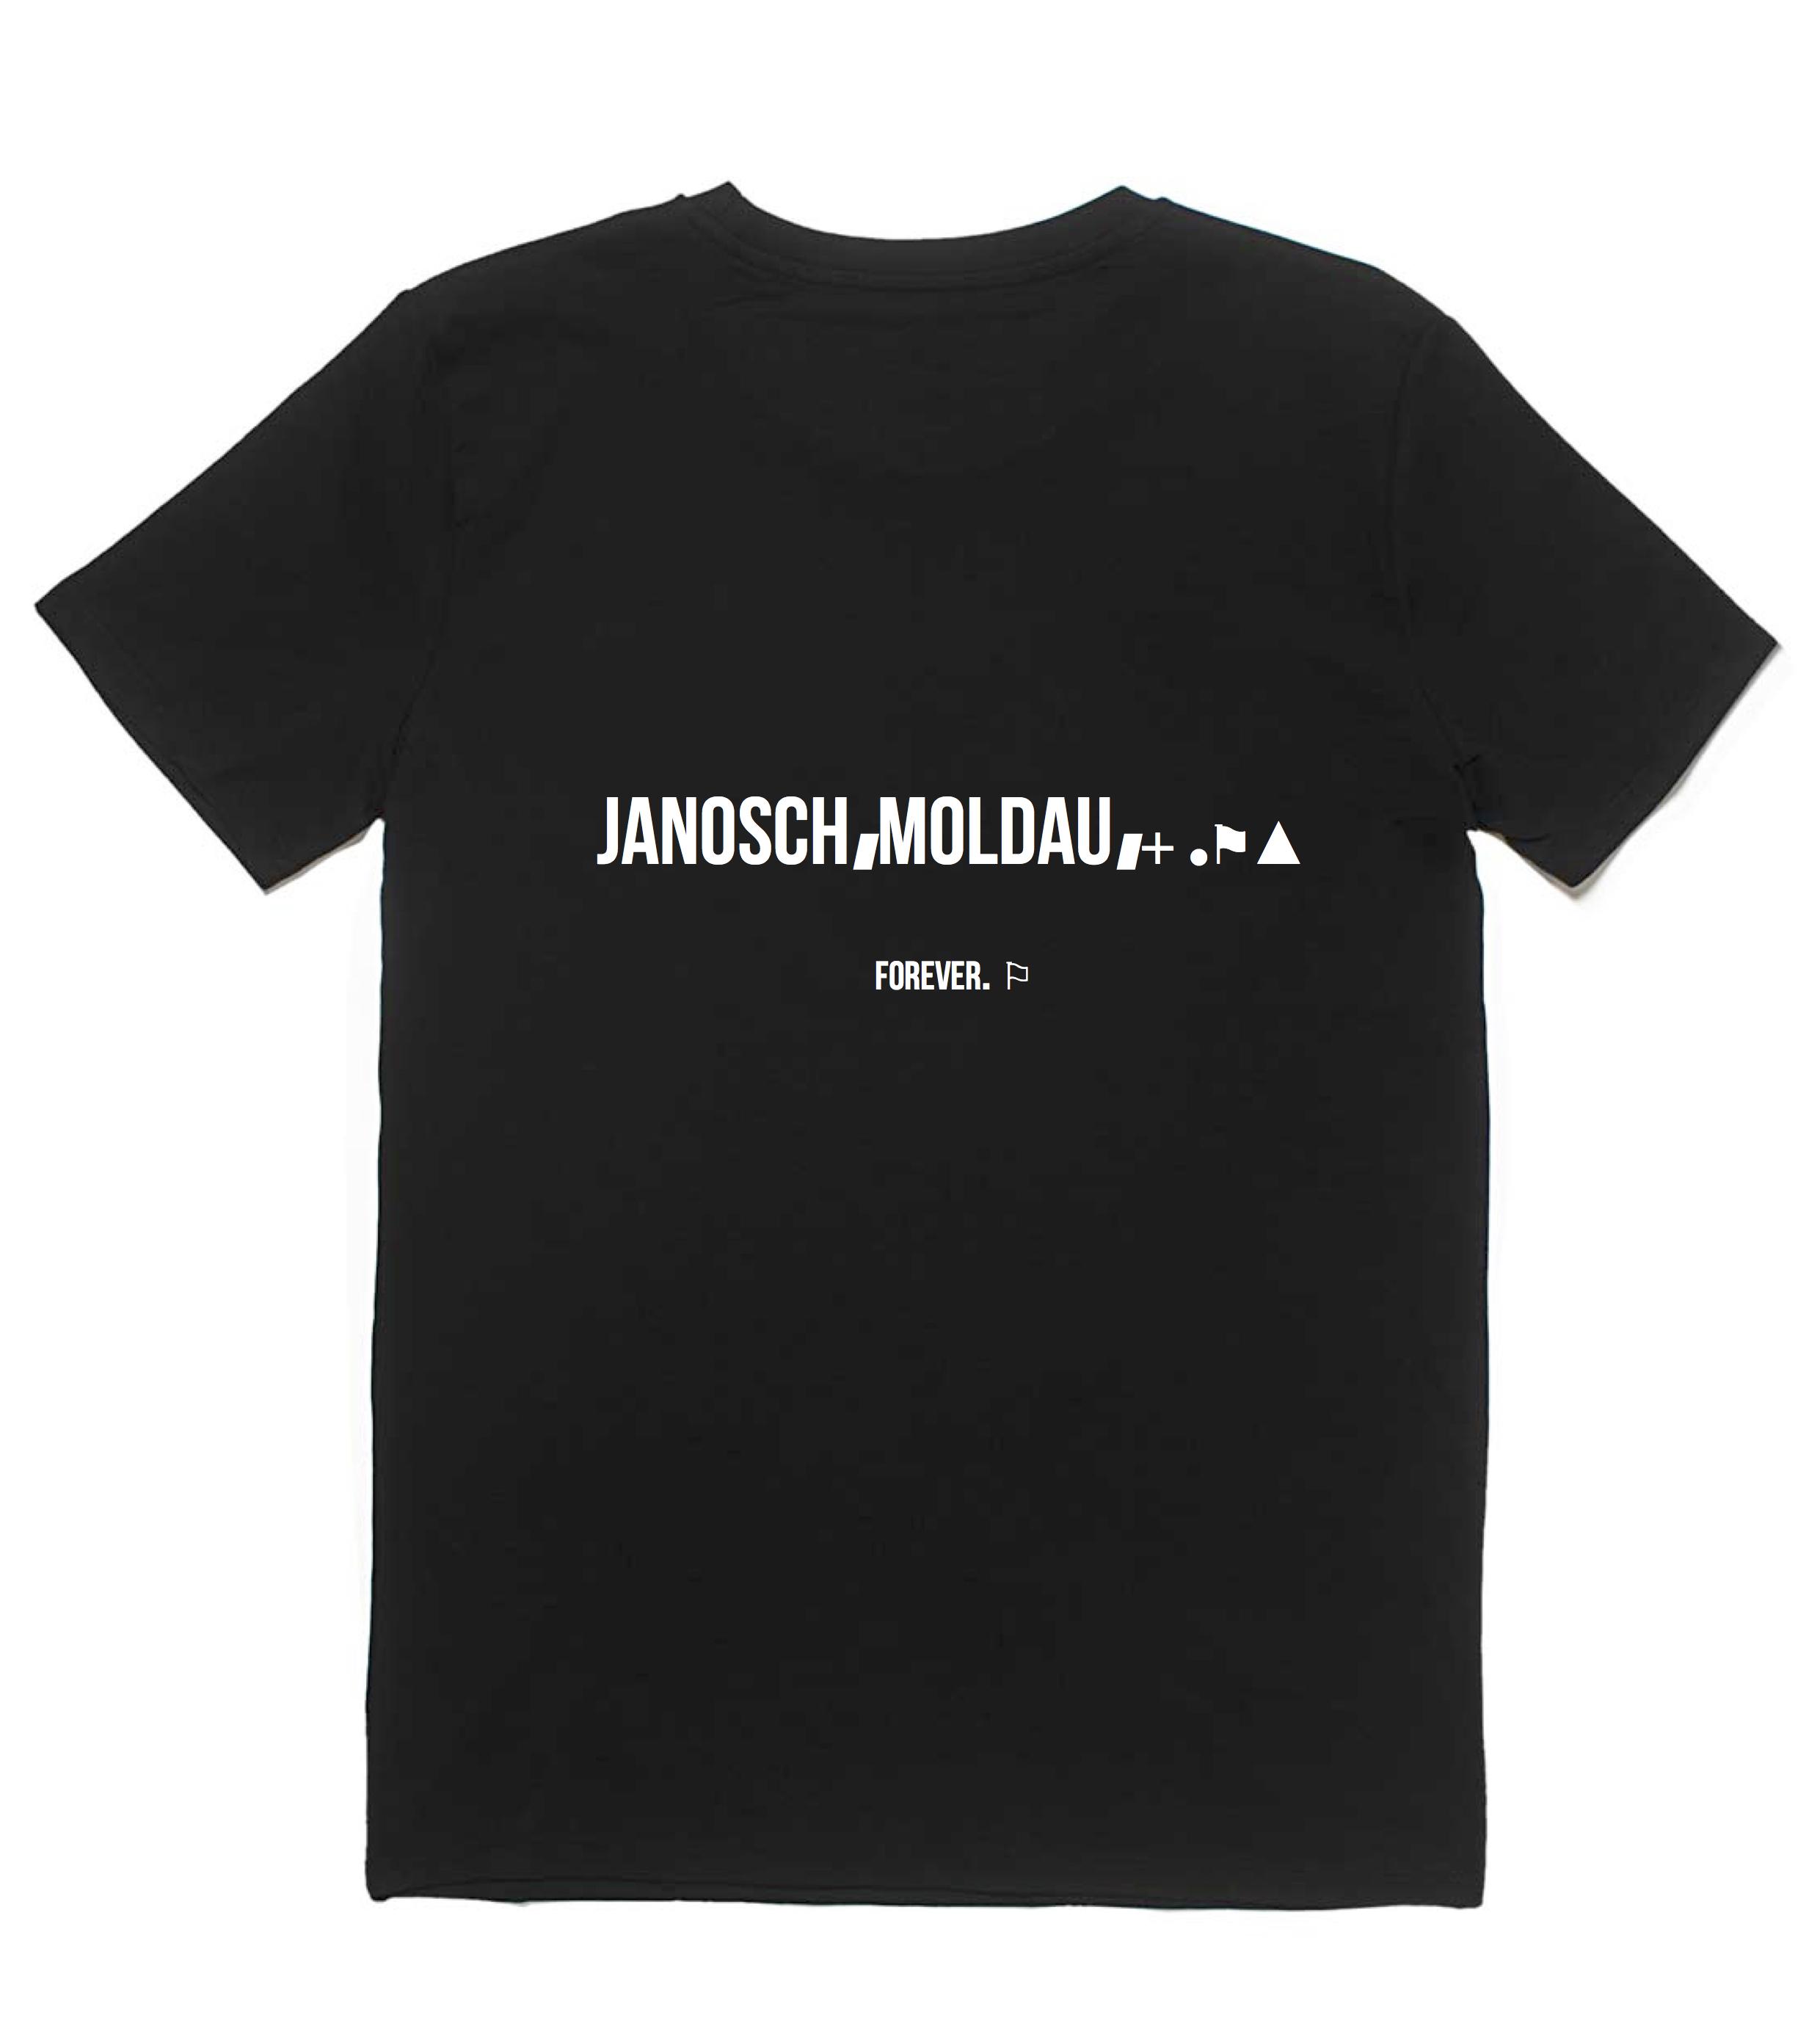 jm forever tshirt